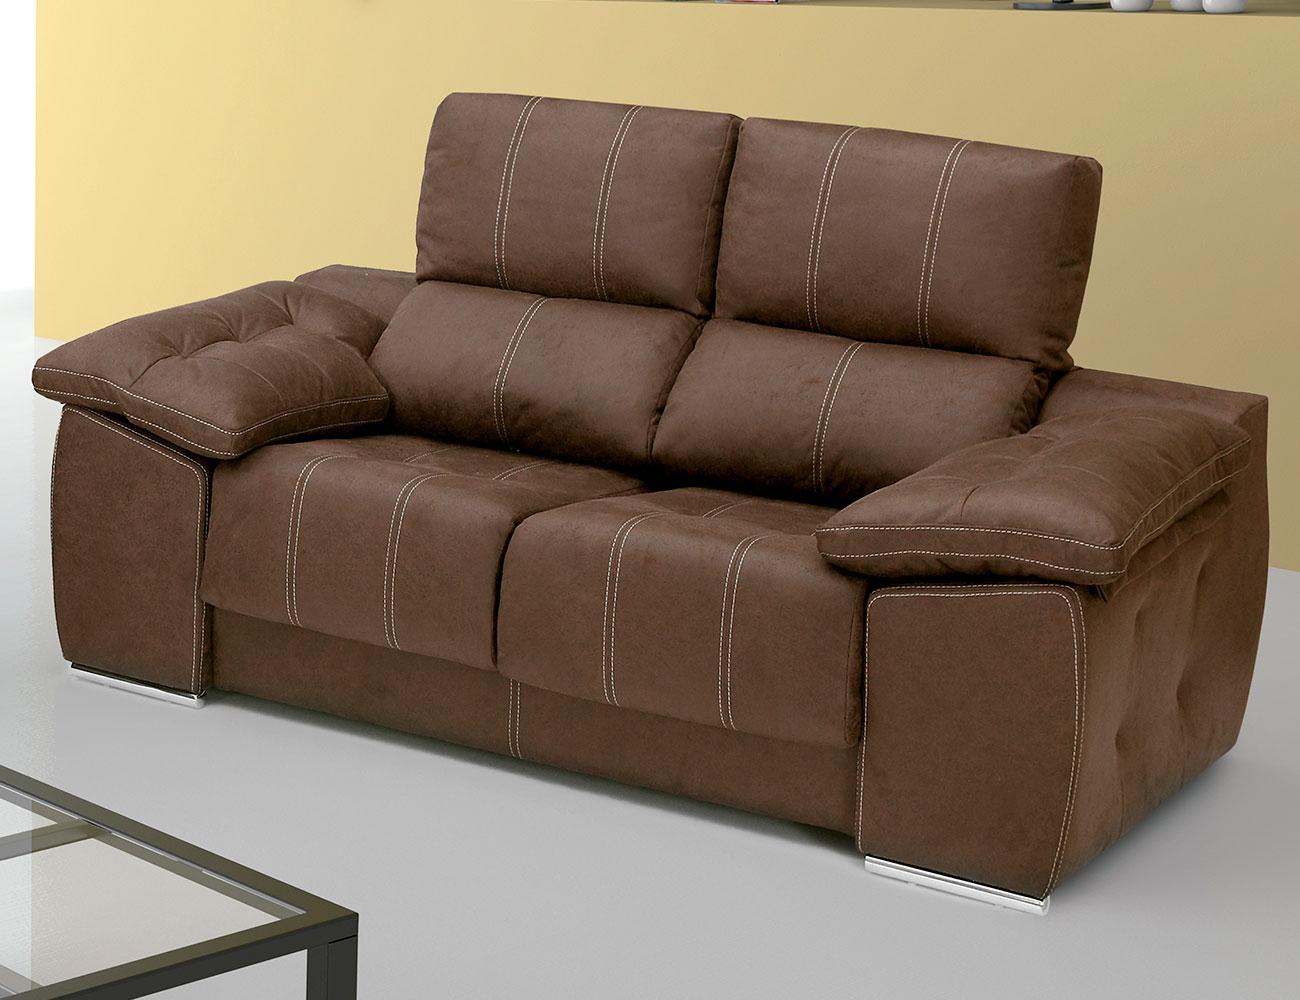 Sof con asientos extra bles y respaldos reclinables con - Factory del sofa sevilla ...